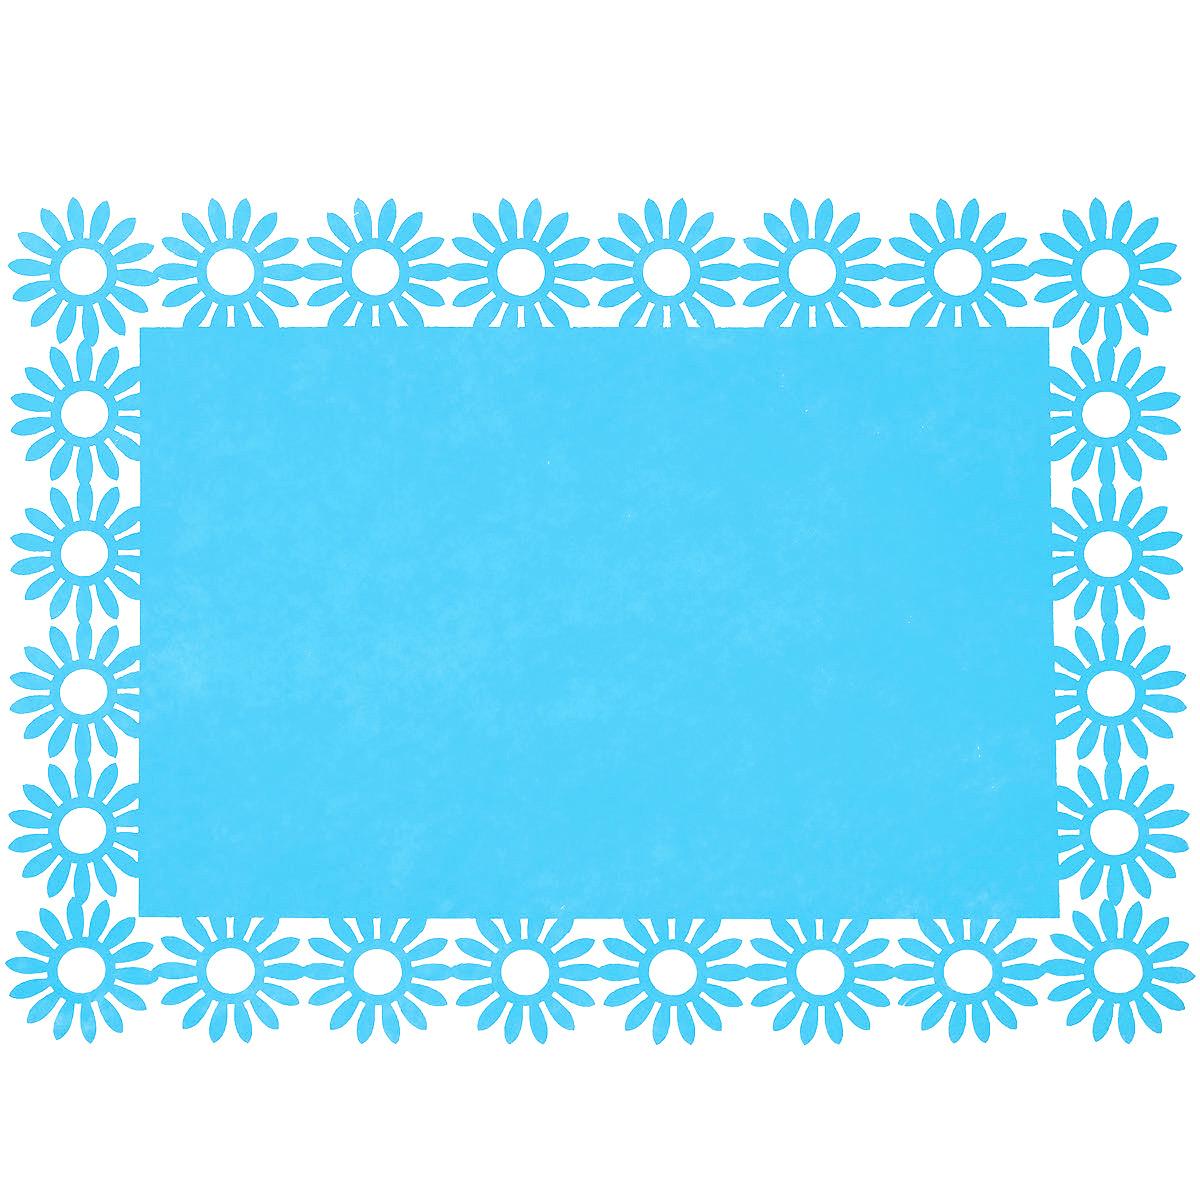 Салфетка Home Queen Веселый праздник, цвет: голубой, 30 см х 40 см х 0,2 см66843_5Прямоугольная салфетка Home Queen Веселый праздник выполнена из фетра и имеет красивую перфорацию по краям. Вы можете использовать салфетку для декорирования стола, комода, журнального столика. В любом случае она добавит в ваш дом стиля, изысканности и неповторимости и убережет мебель от царапин и потертостей. Размер салфетки: 30 см х 40 см х 0,2 см.